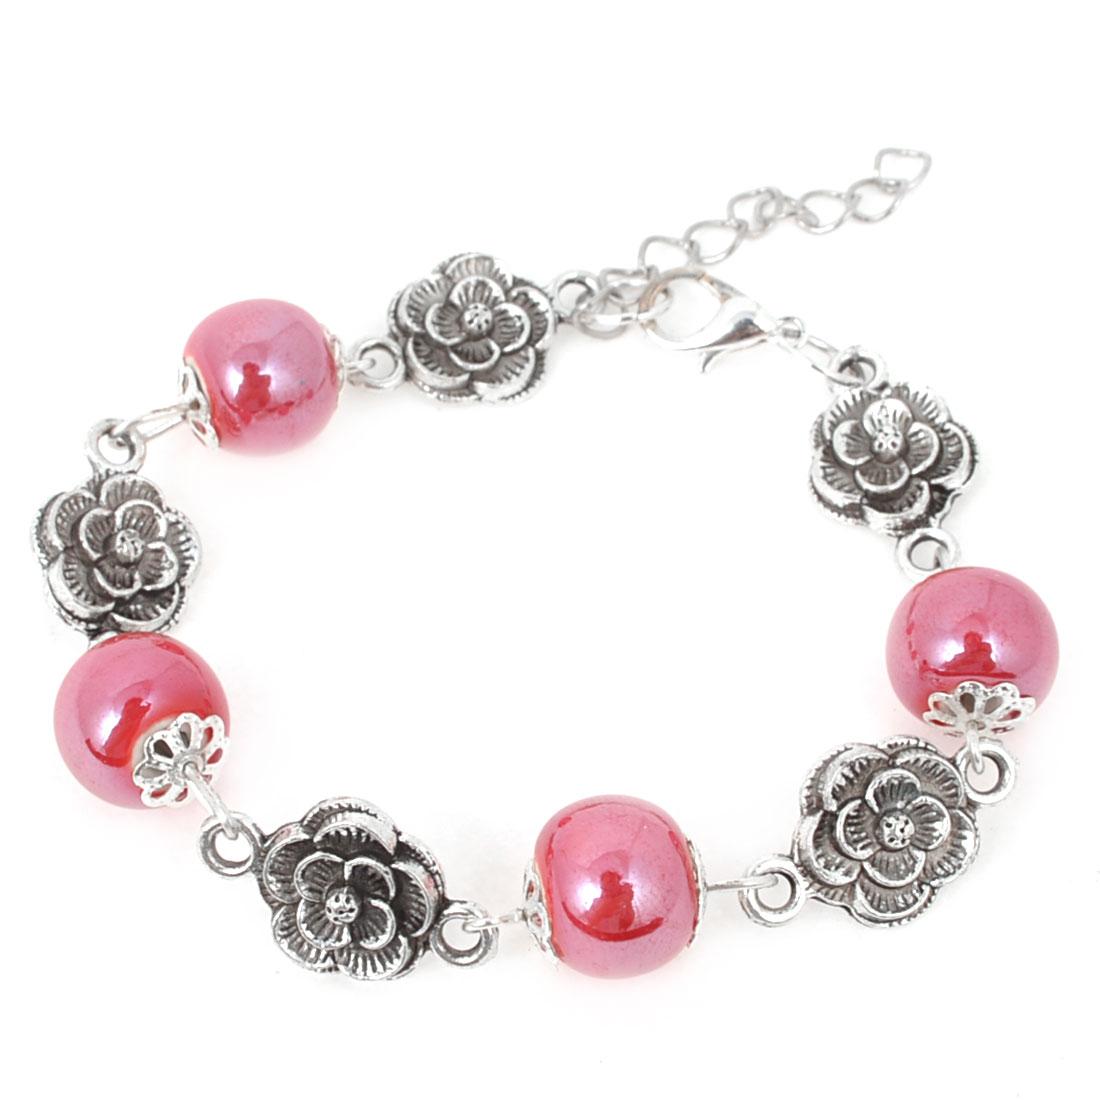 Lady Miao Silver Ornament Folk Style Flower Print Charm Jewelry Ceramic Bracelet